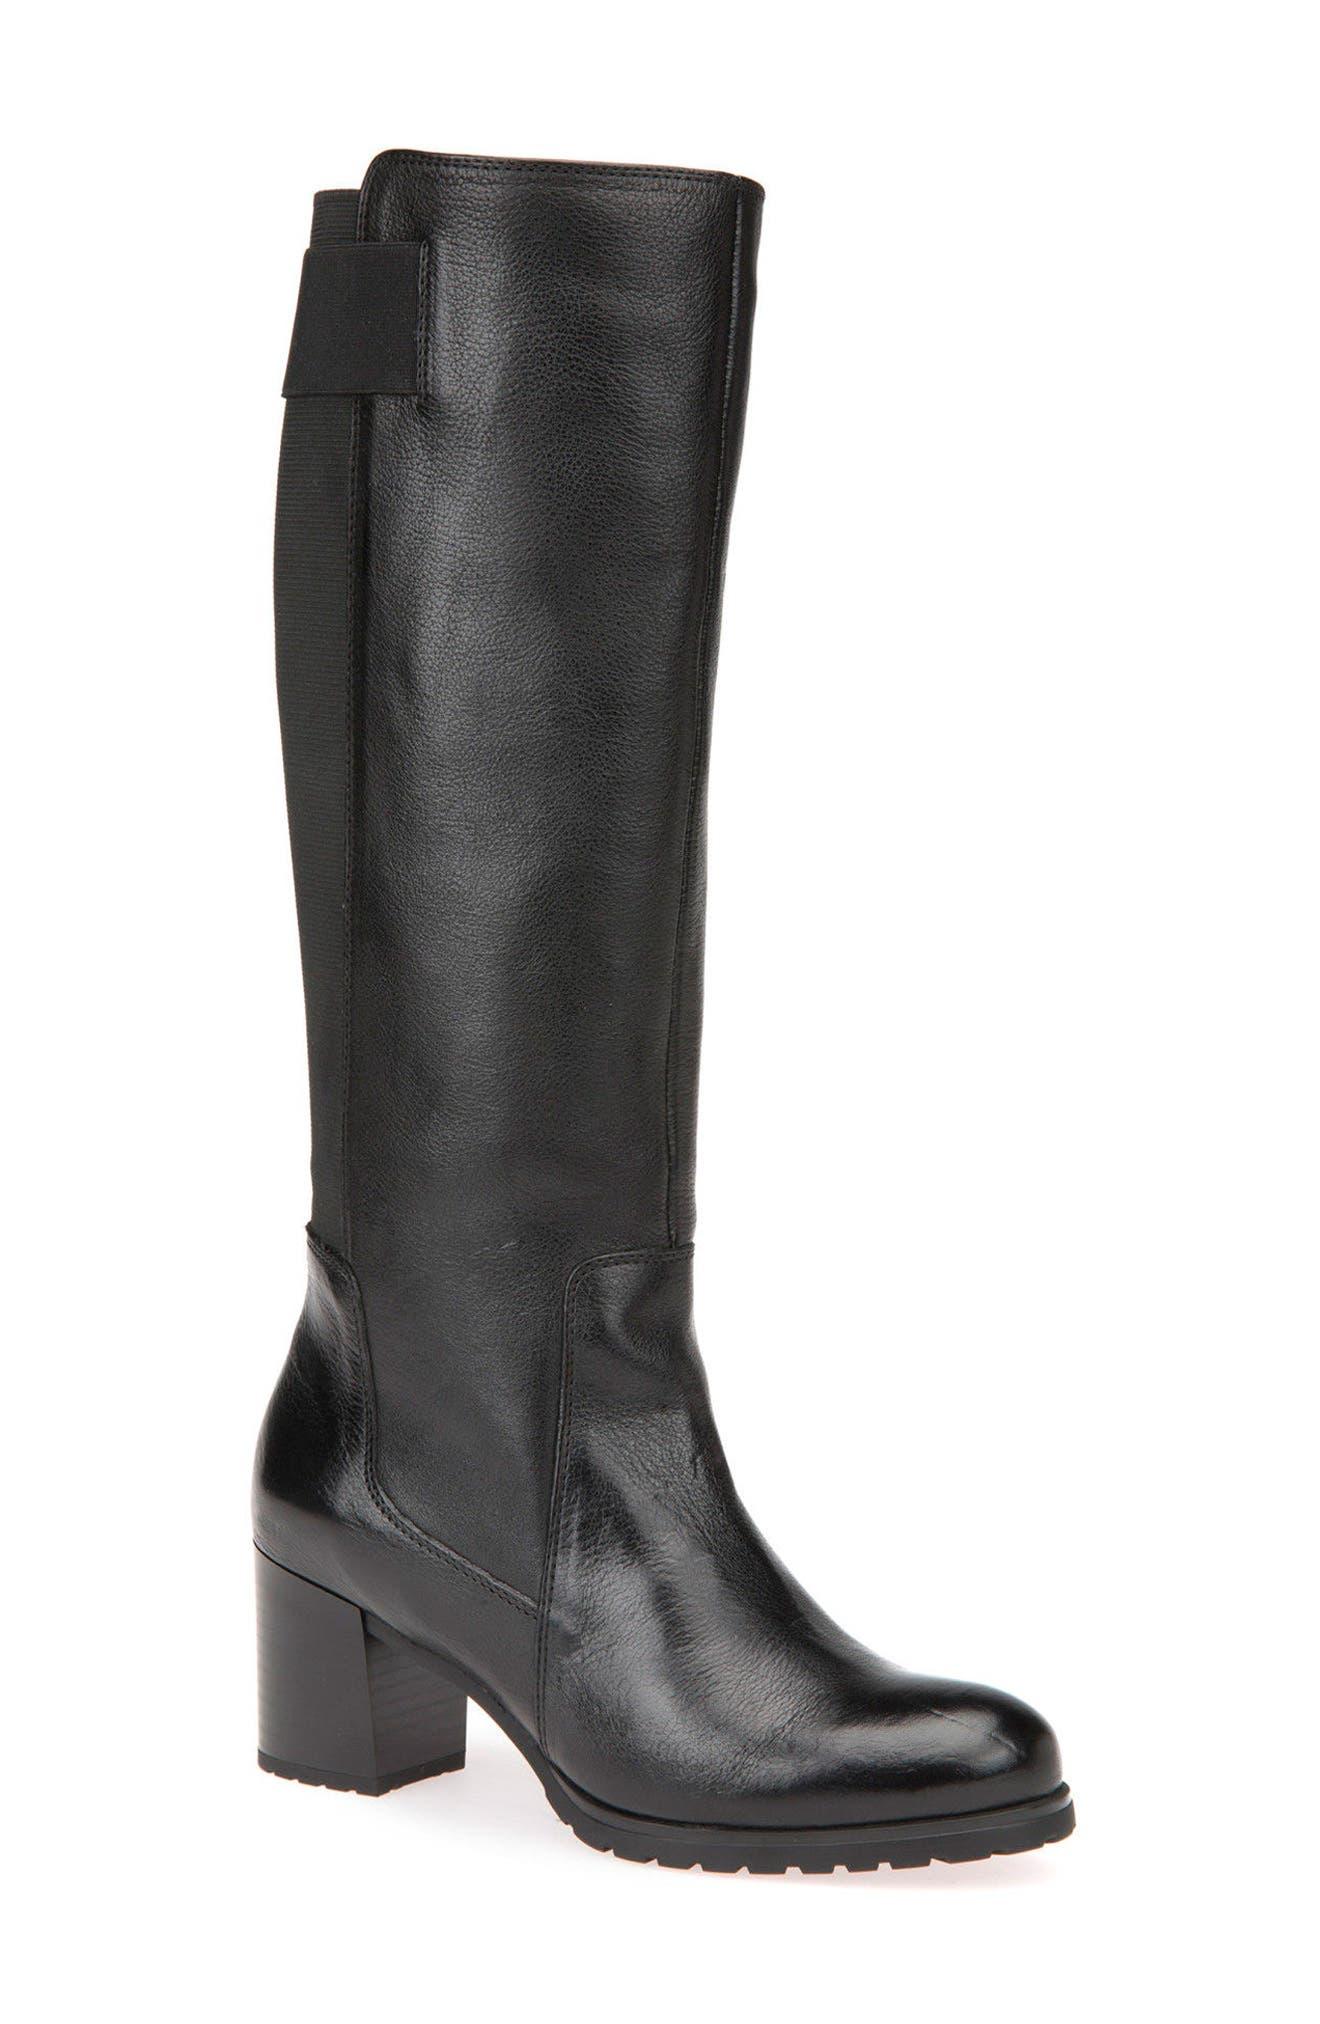 GEOX Newlise Boot